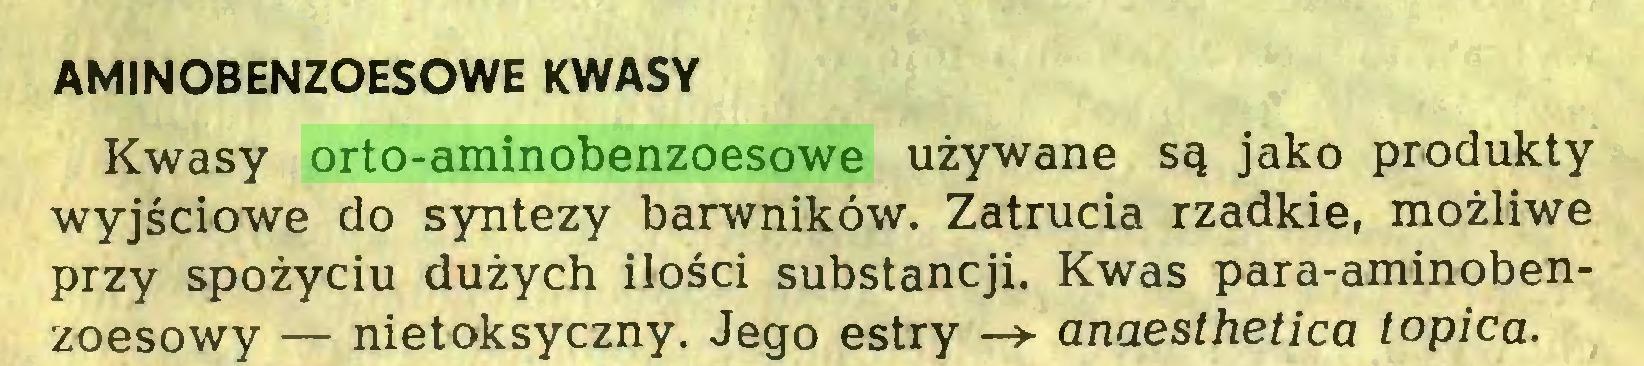 (...) AMINOBENZOESOWE KWASY Kwasy orto-aminobenzoesowe używane są jako produkty wyjściowe do syntezy barwników. Zatrucia rzadkie, możliwe przy spożyciu dużych ilości substancji. Kwas para-aminobenzoesowy — nietoksyczny. Jego estry —> anaesthetica topica...